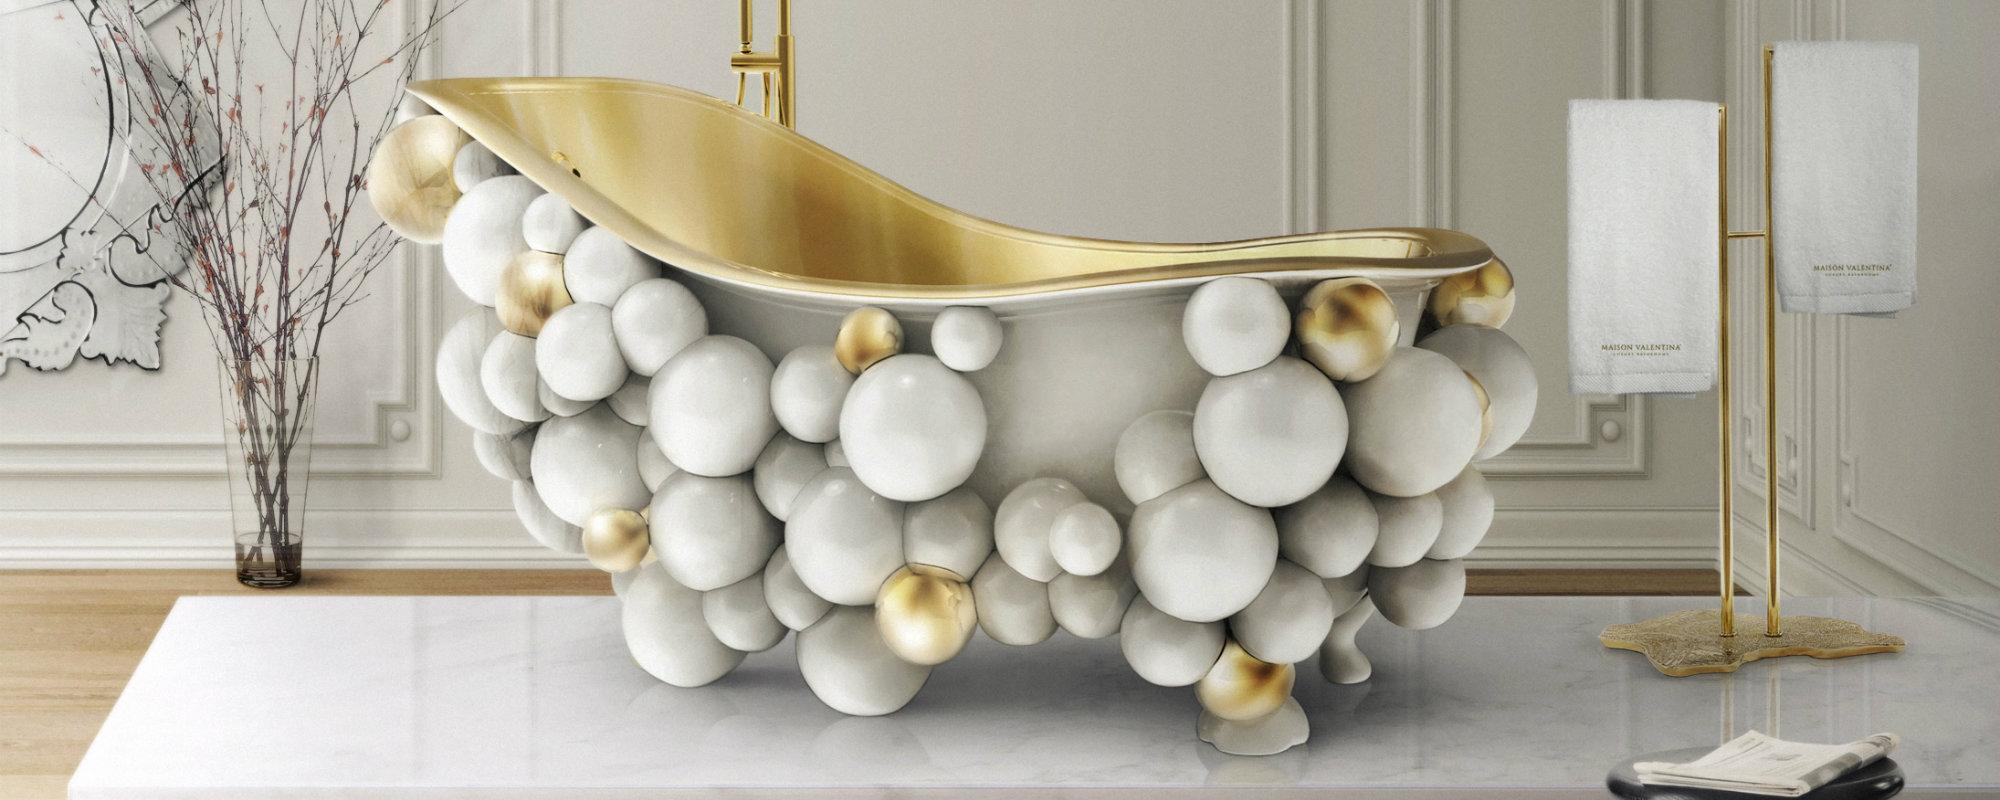 Las maravillosas ideas para cuarto de baño ideas para cuarto de baño Las maravillosas ideas para cuarto de baño Feature 4